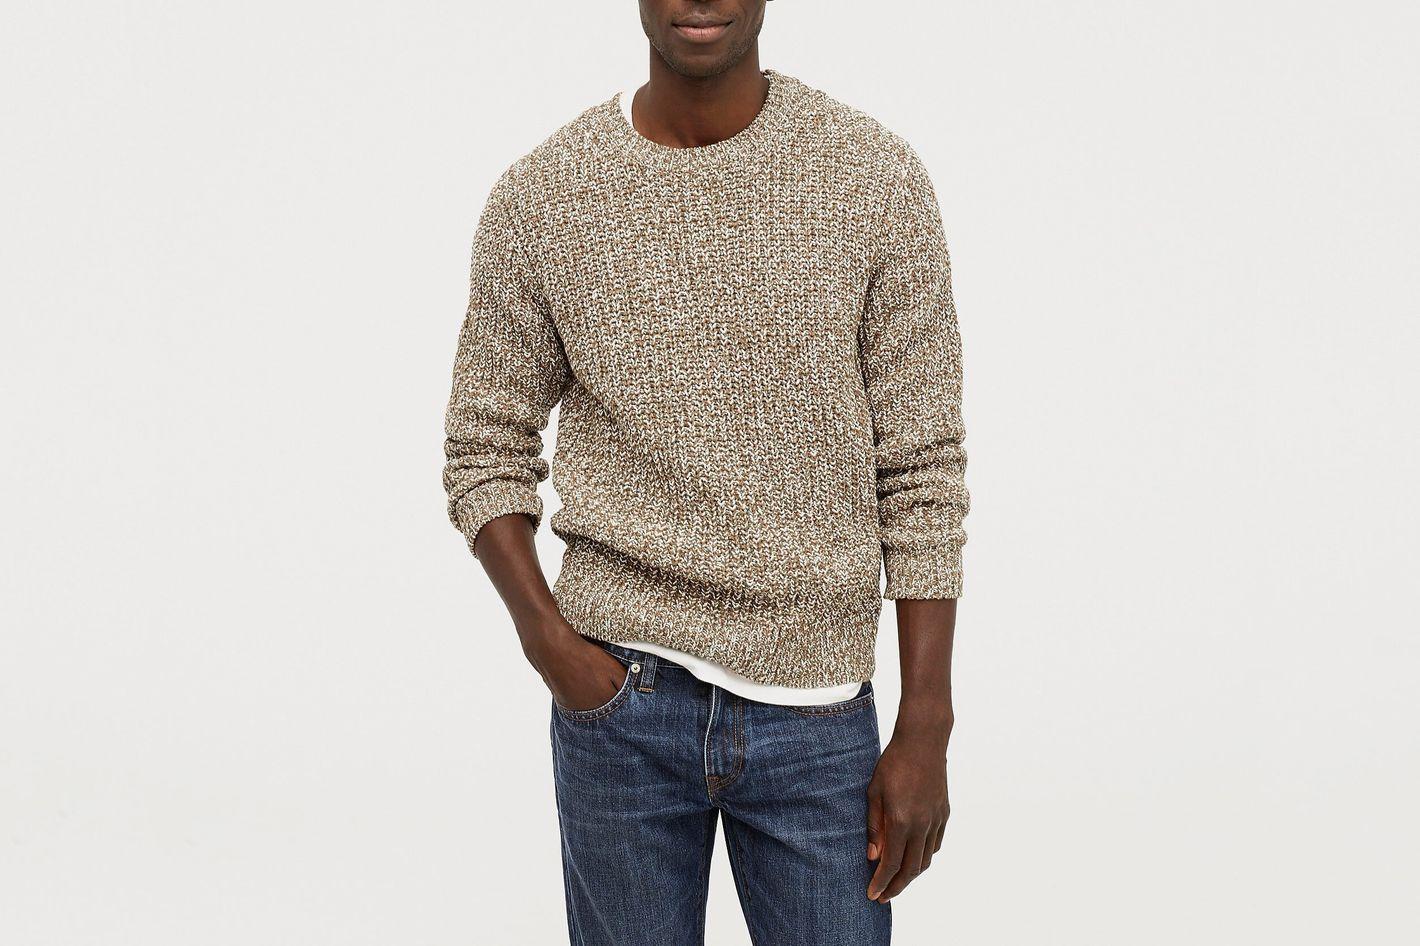 J. Crew Wallace & Barnes Crewneck Sweater in Marled Italian Cotton